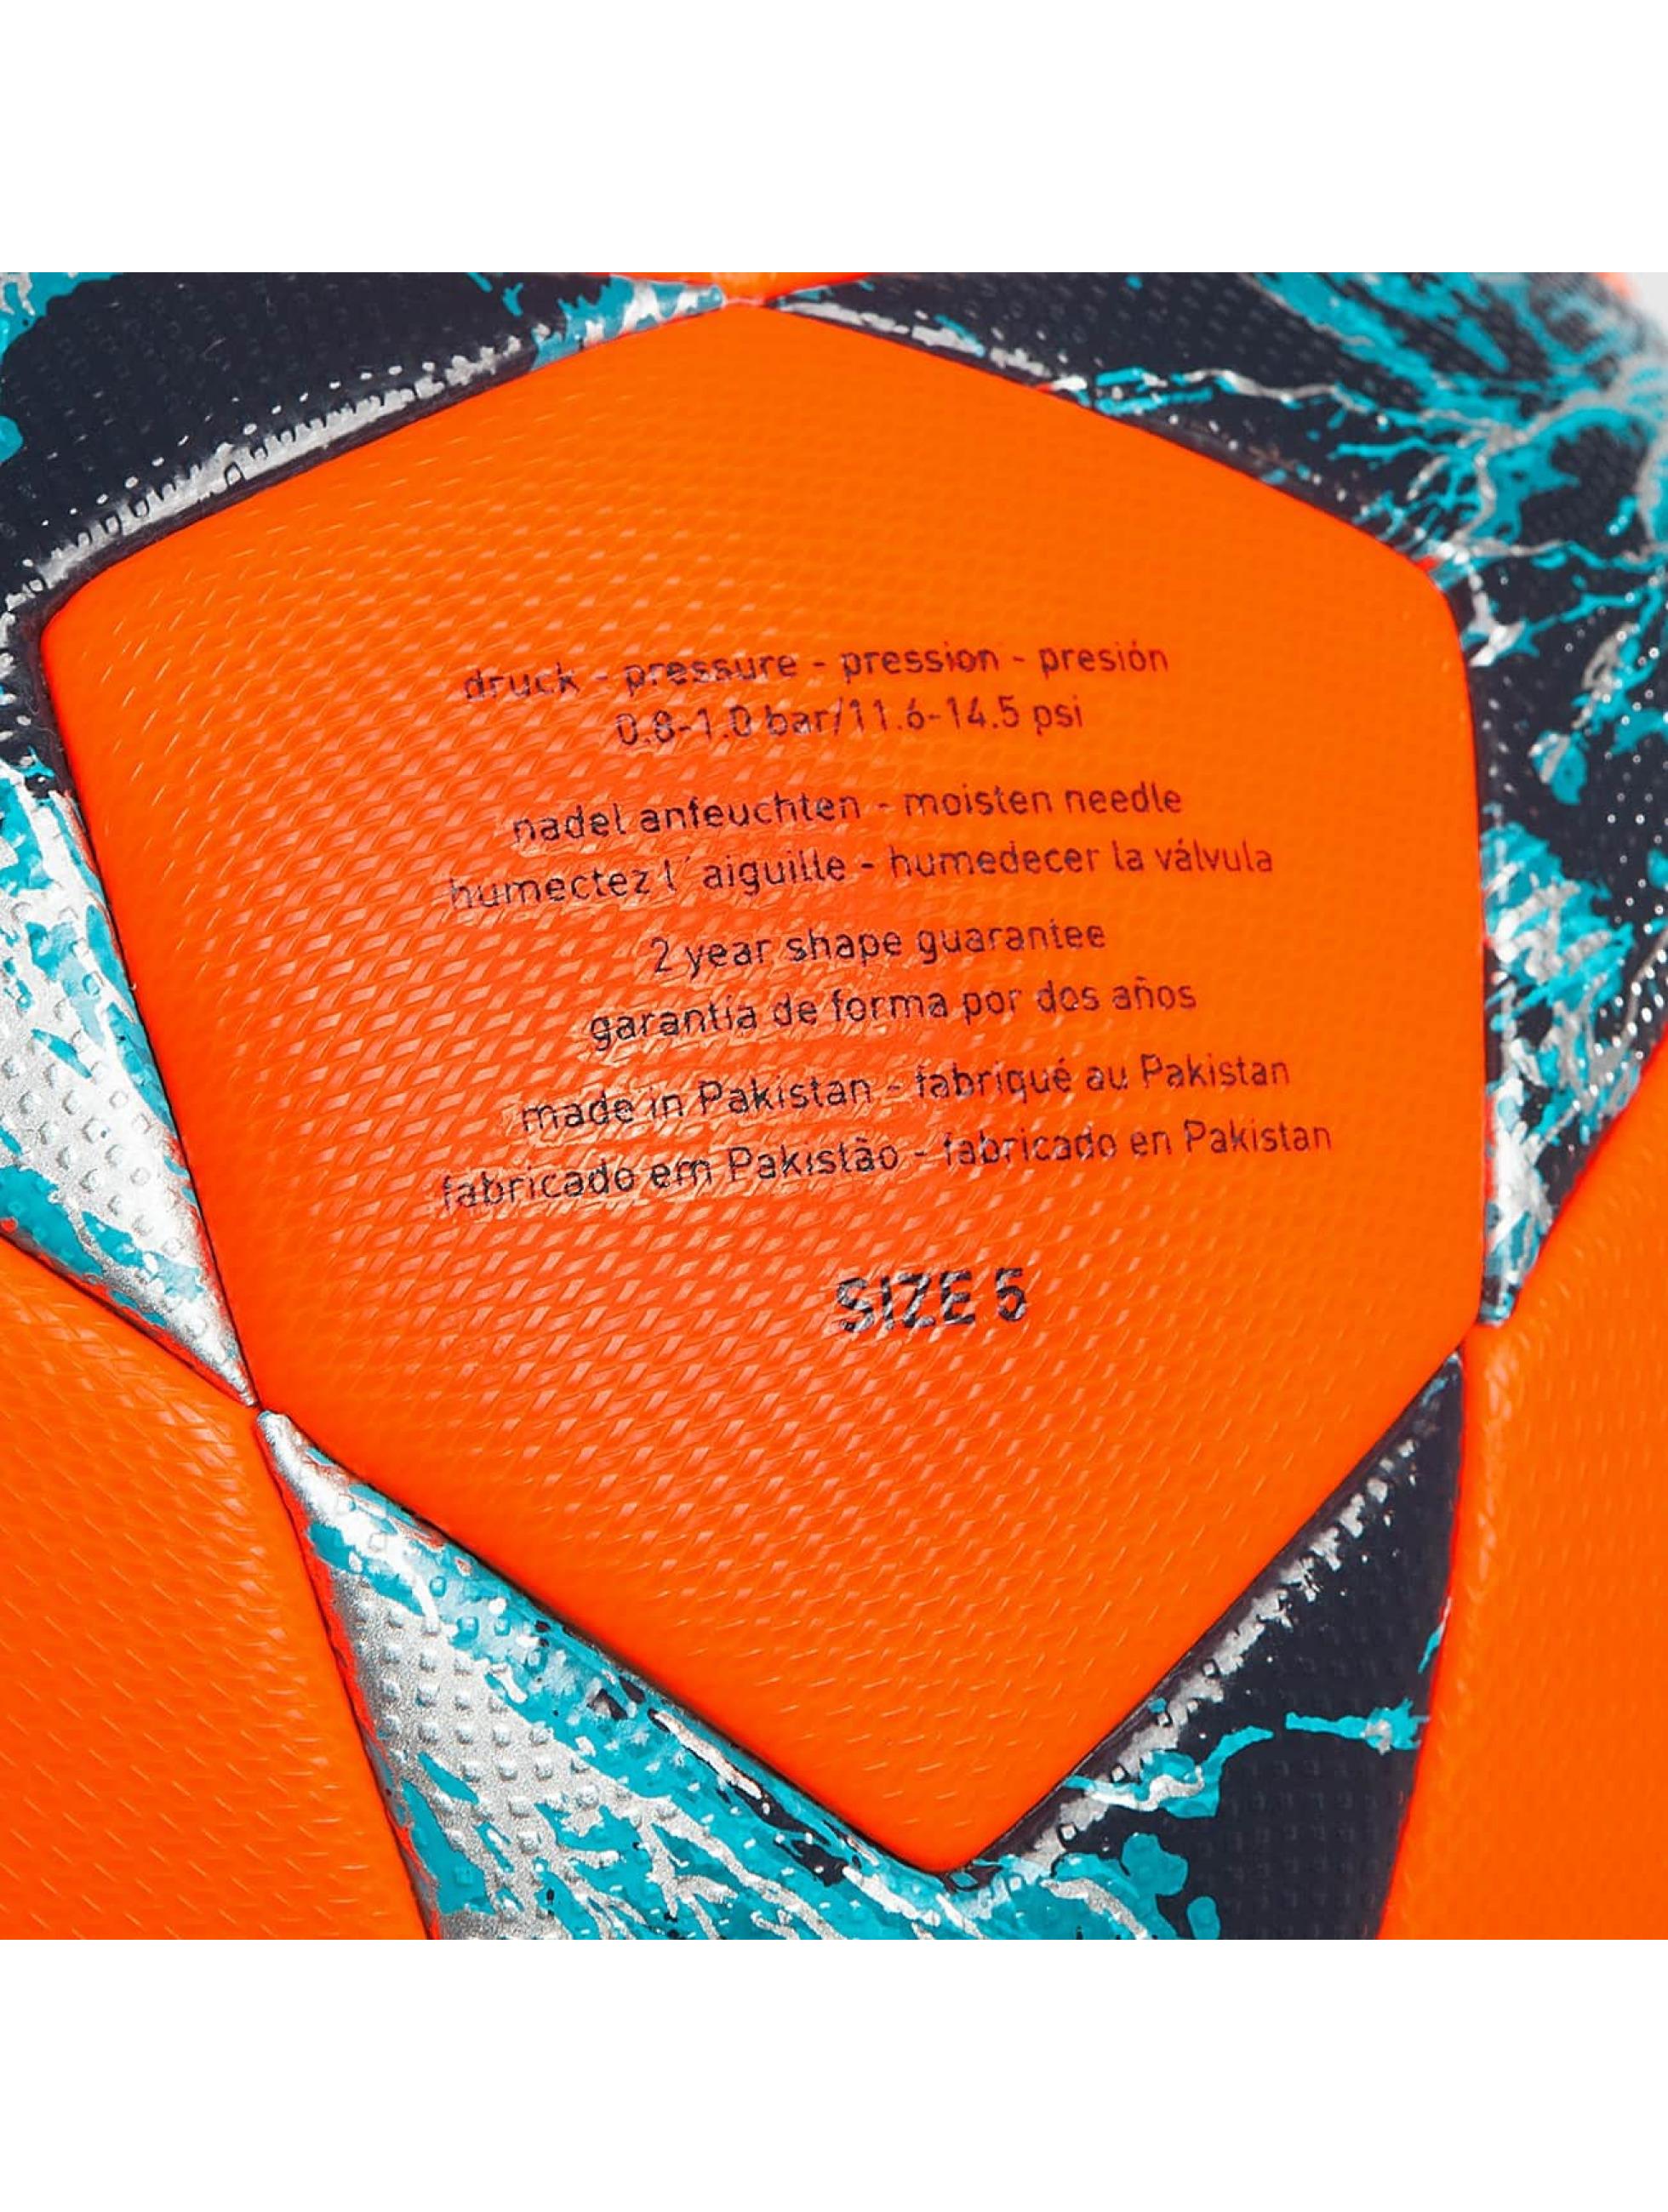 adidas Мяч Final 17 Offical Match оранжевый